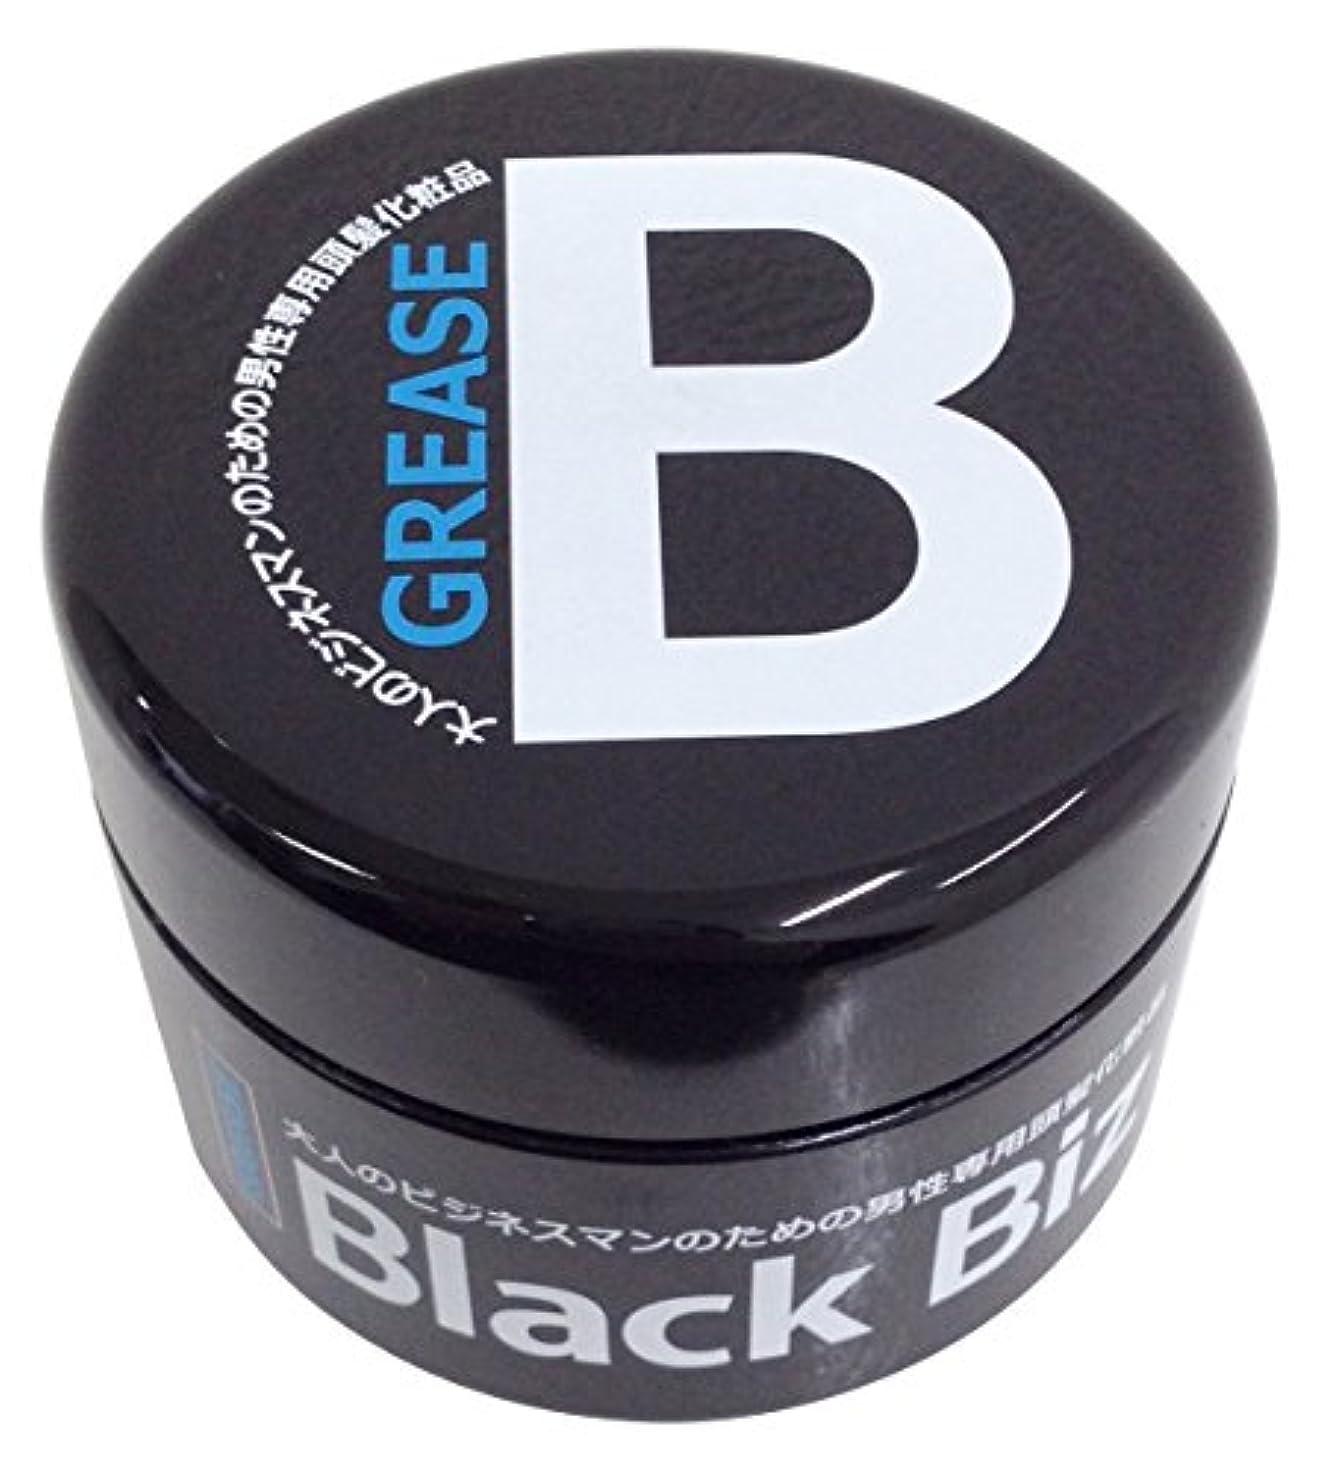 緩やかな比喩祭司大人のビジネスマンのための男性専用頭髪化粧品 BlackBiz GREASE SOFT ブラックビズ グリース ソフト